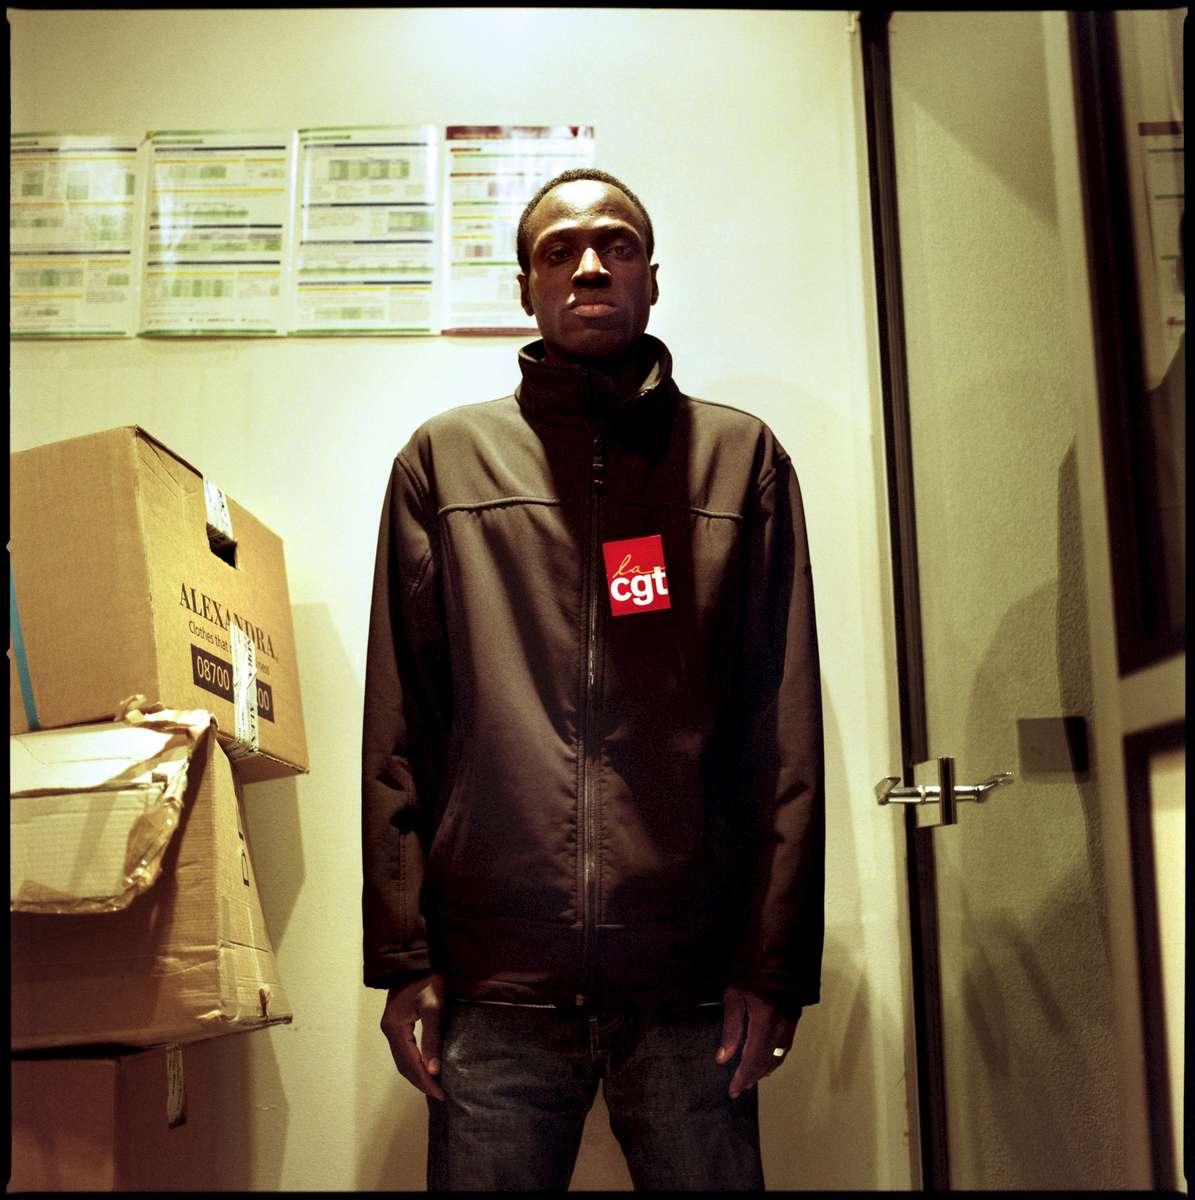 Toumane est Sénégalais et en grève depuis le 23  mai 2008. Sans papiers, il occupe les locaux de l'entreprise qui l'emploie «Manet». Il est dans l'attente d'une régularisation.